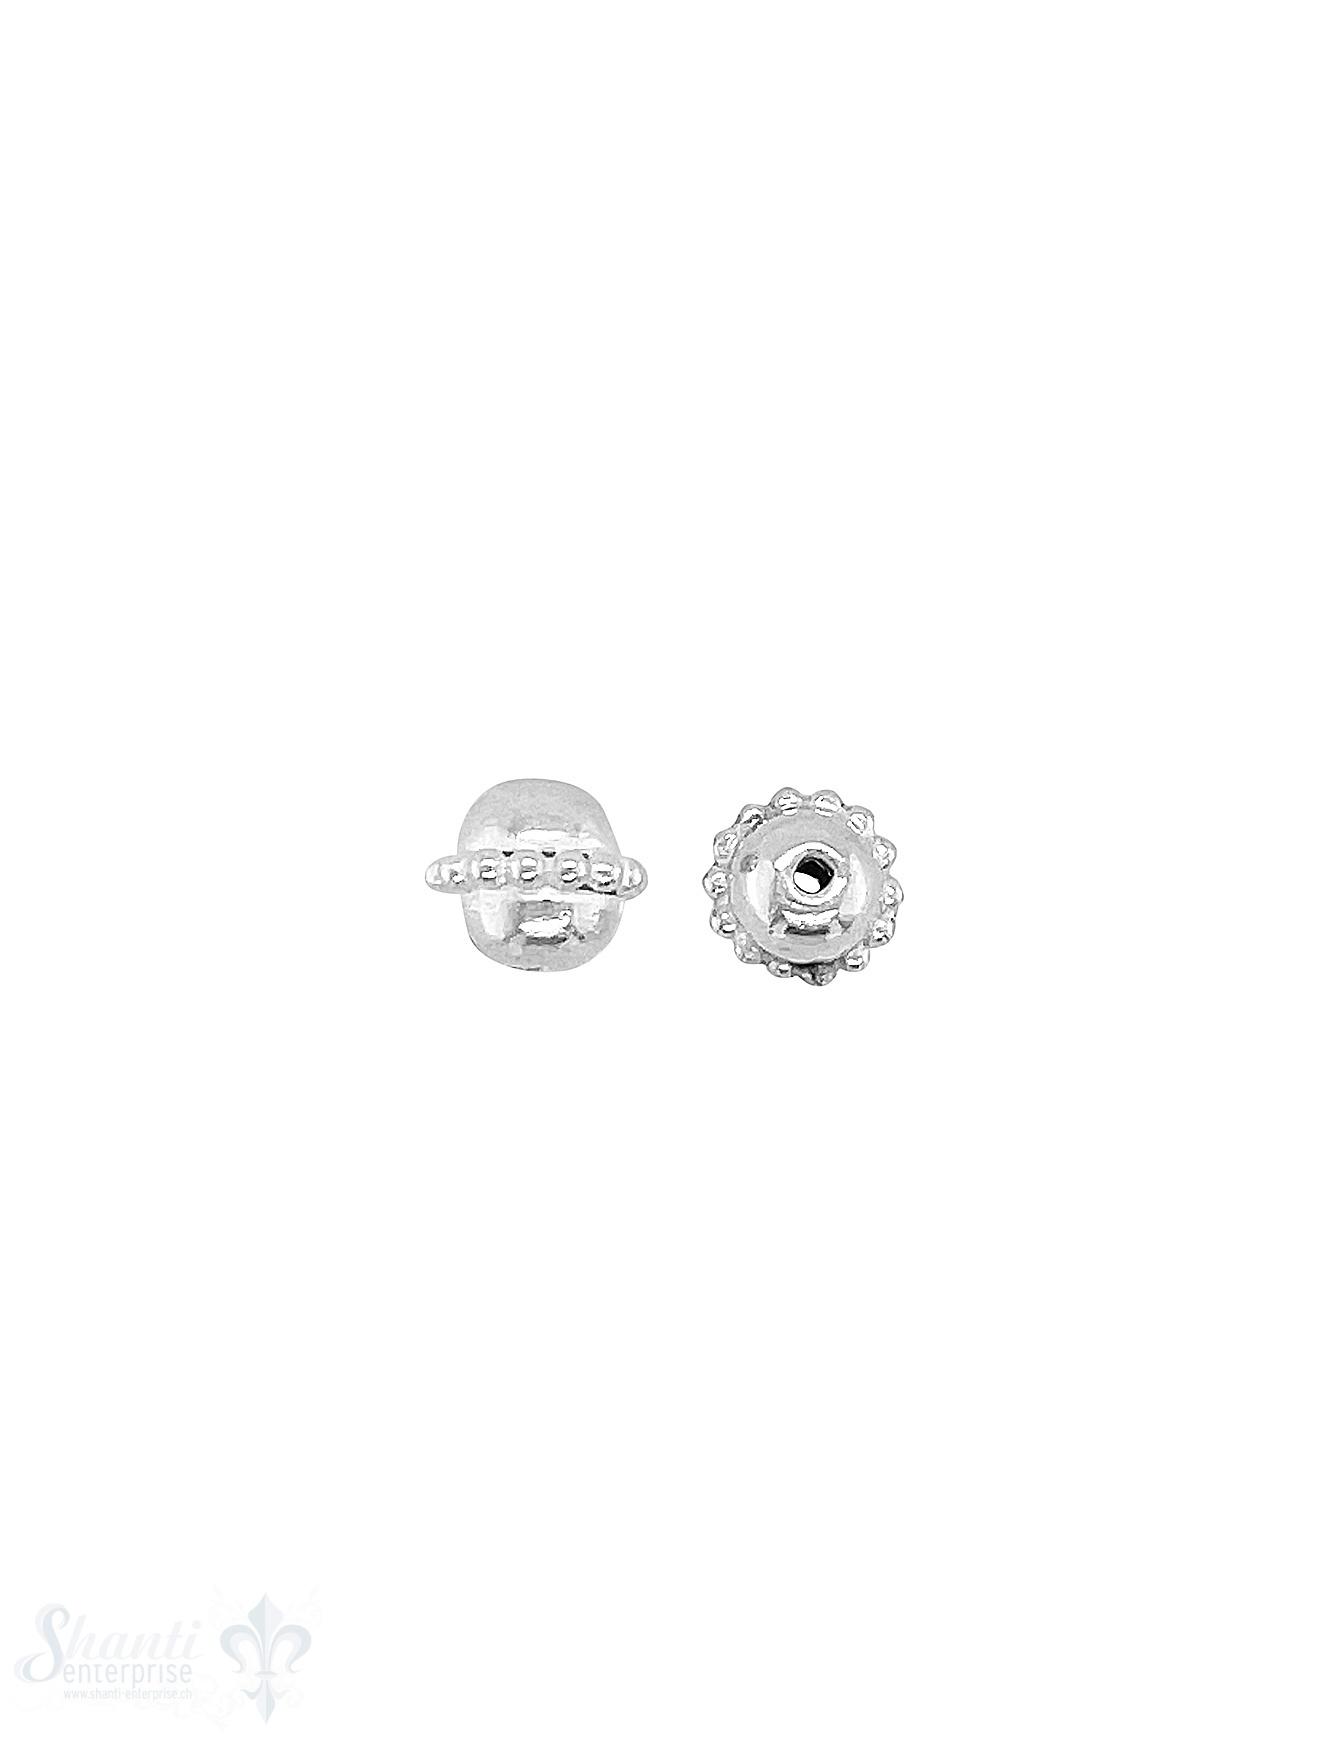 Kugel Element 6x5 mm Silber hell Kugelreihe 1 mm